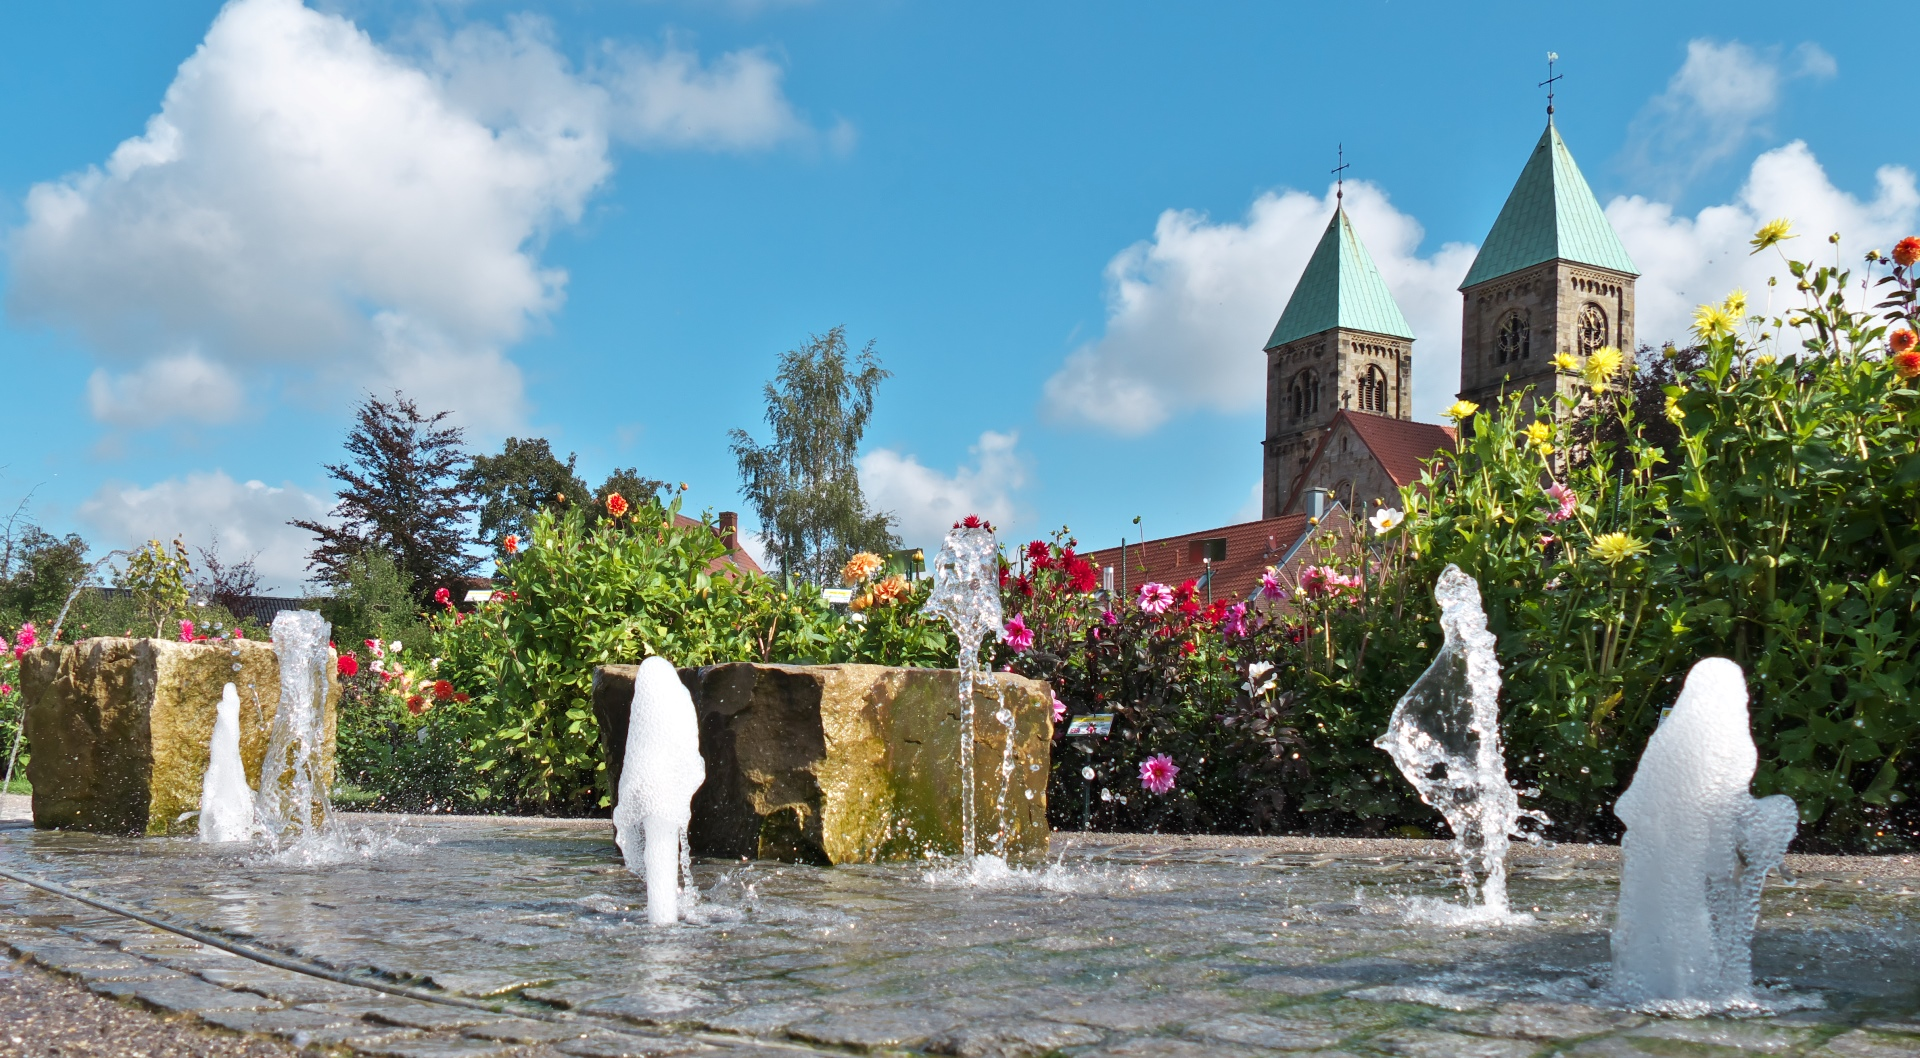 Unser Dahliengarten - Treffpunkt für Alt und Jung in der Ortsmitte